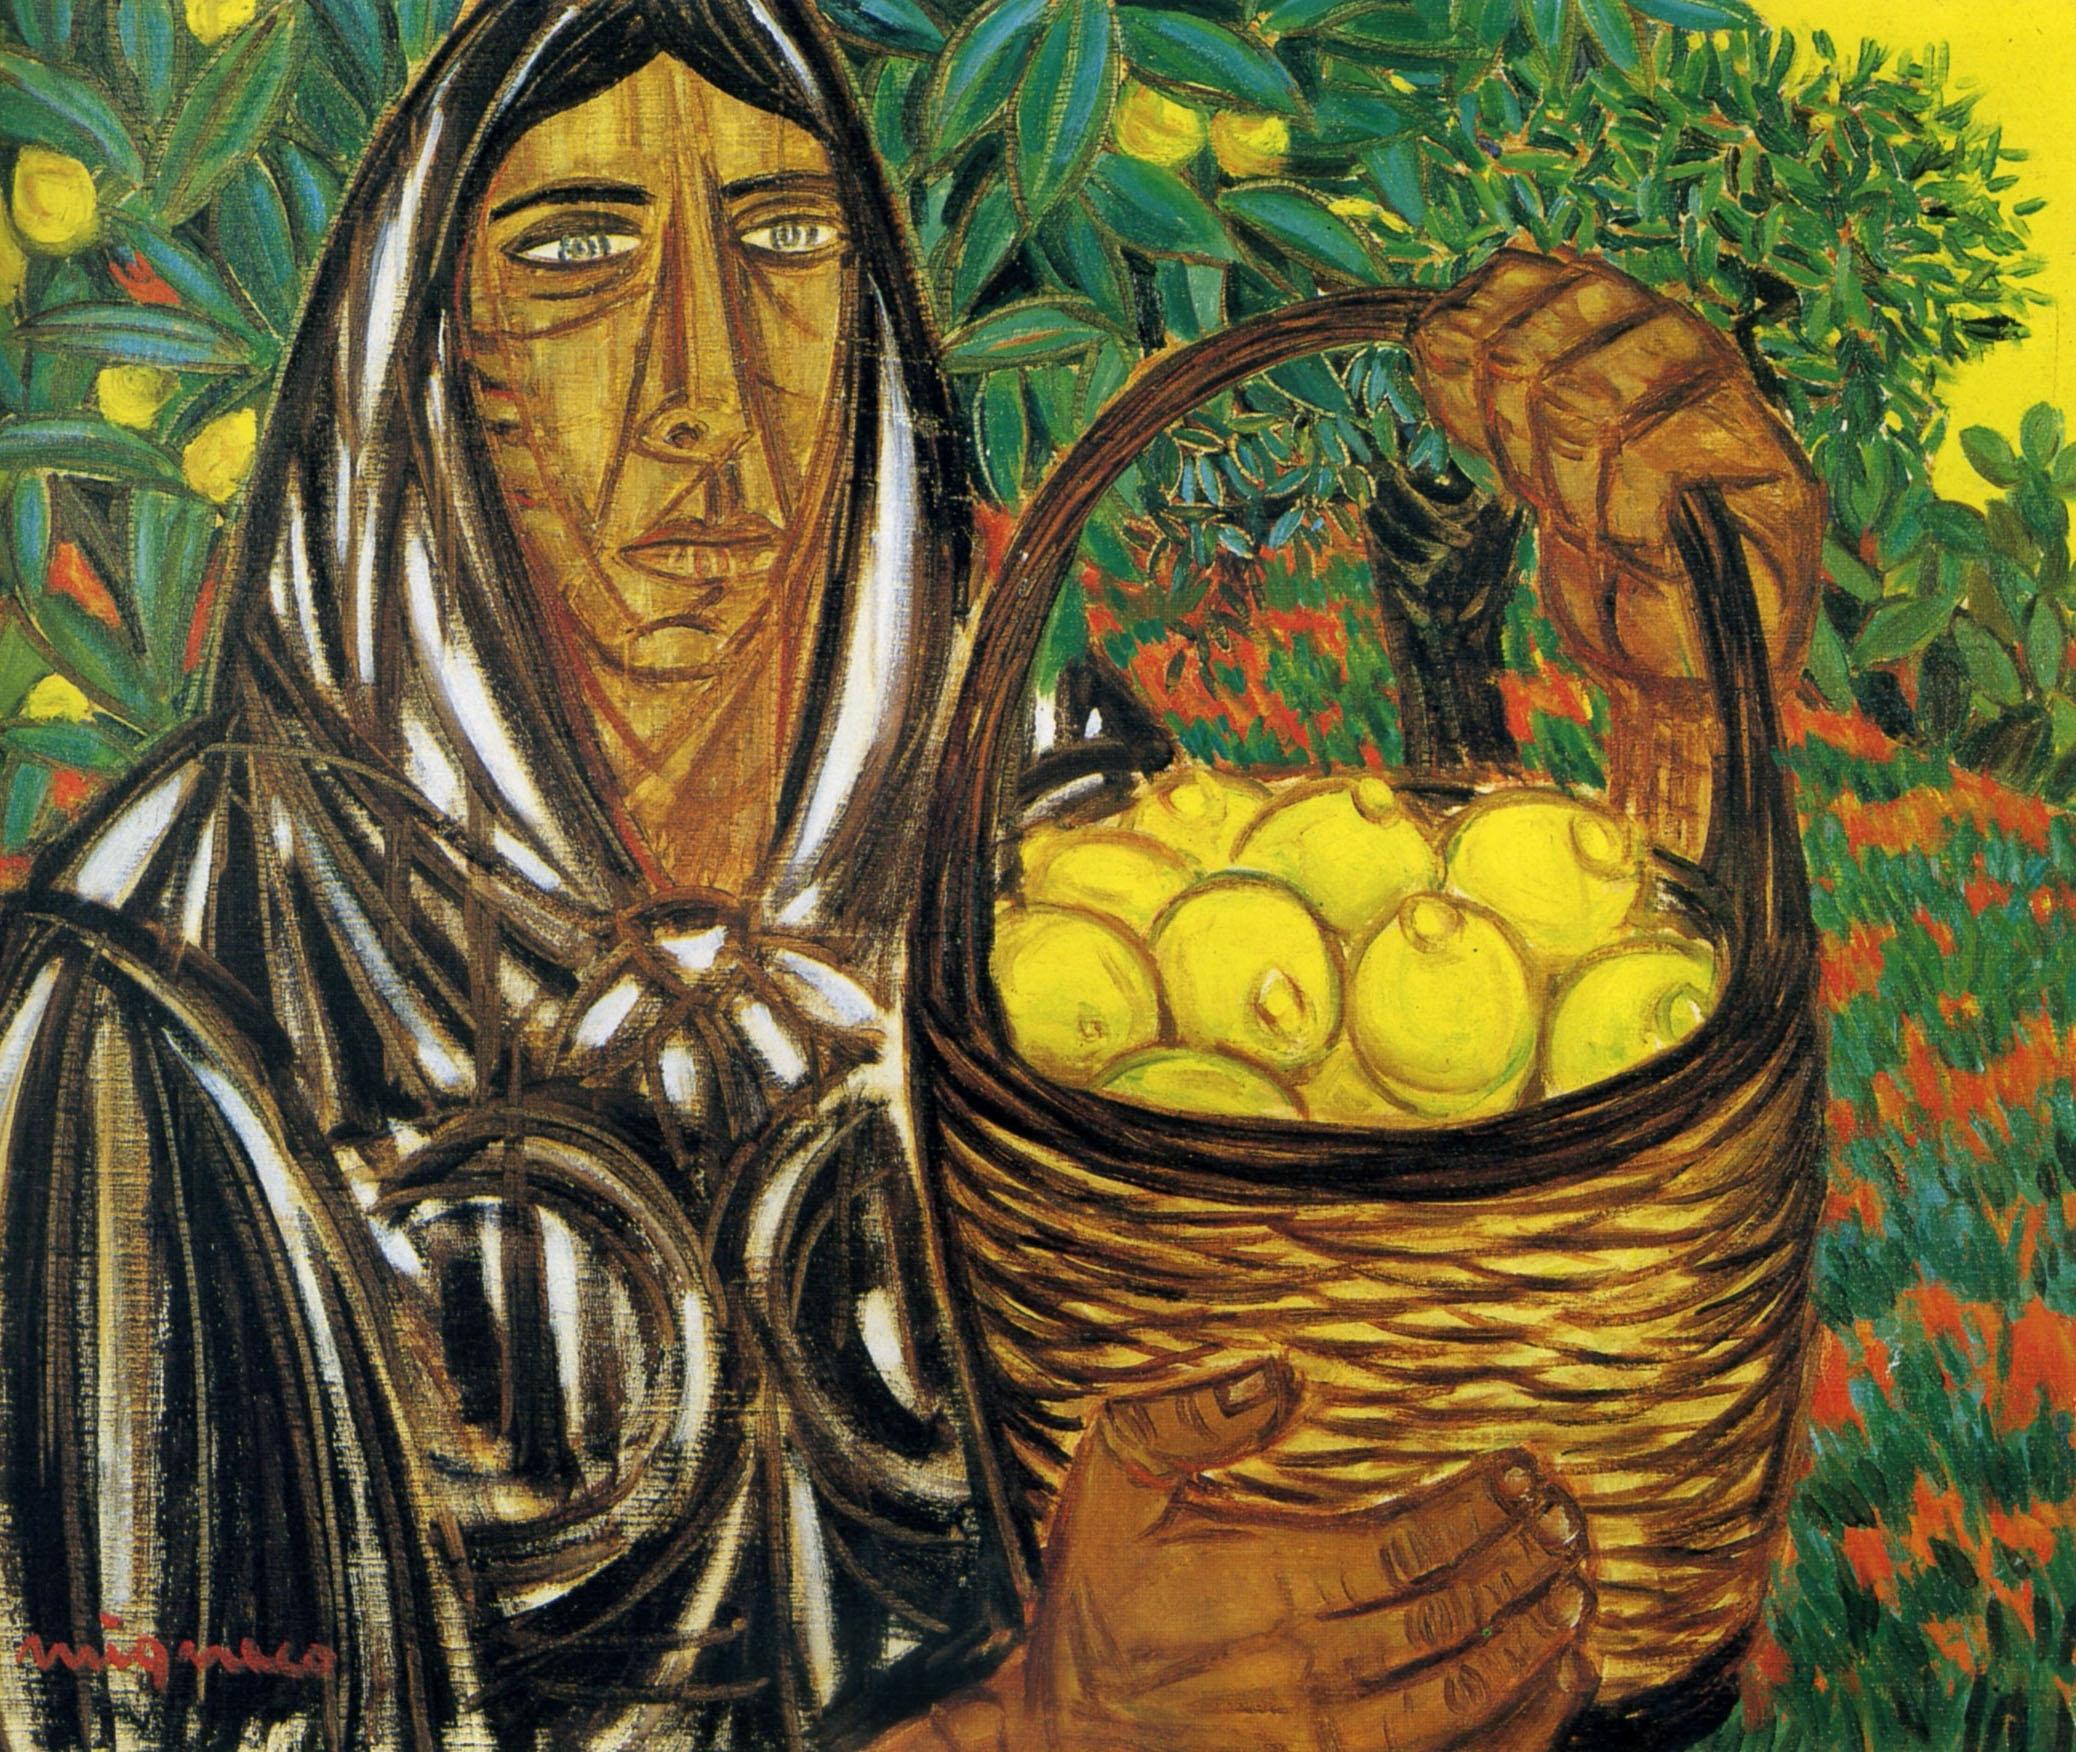 Giuseppe Migneco - Contadina con limoni